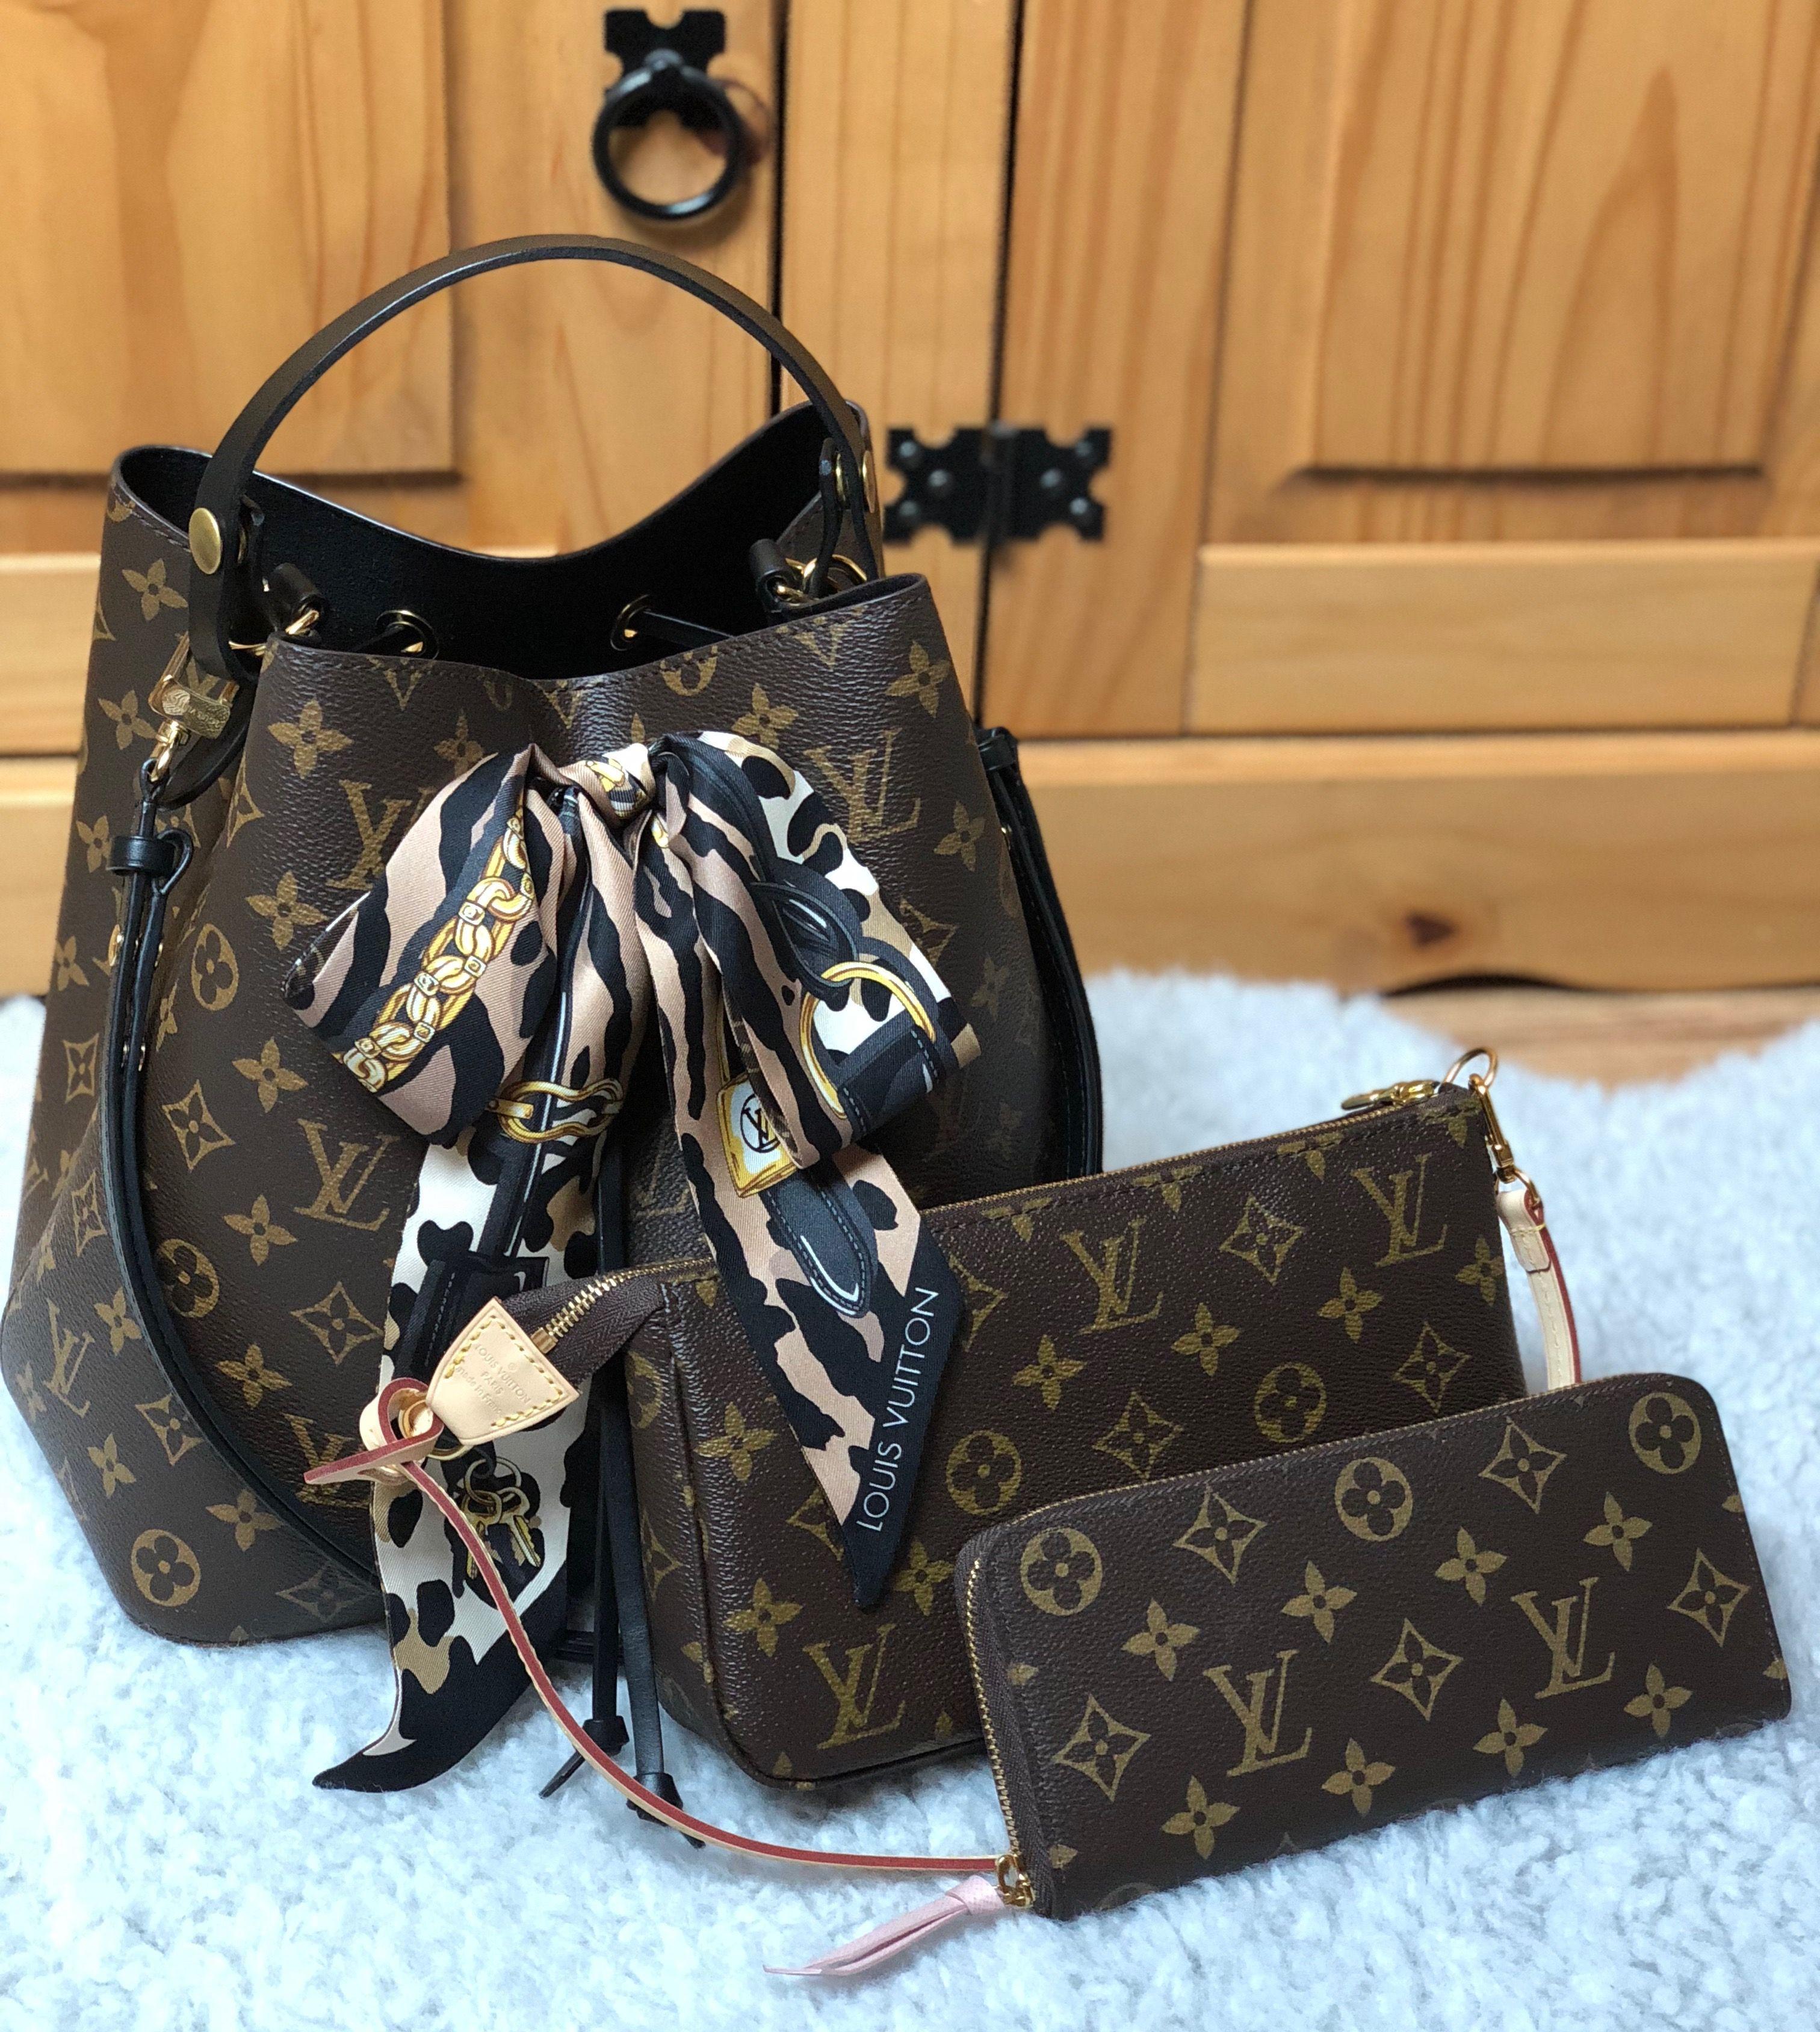 928a0f664e607 Louis Vuitton Neo noe + pochette accessoires + wallet Celemence ...